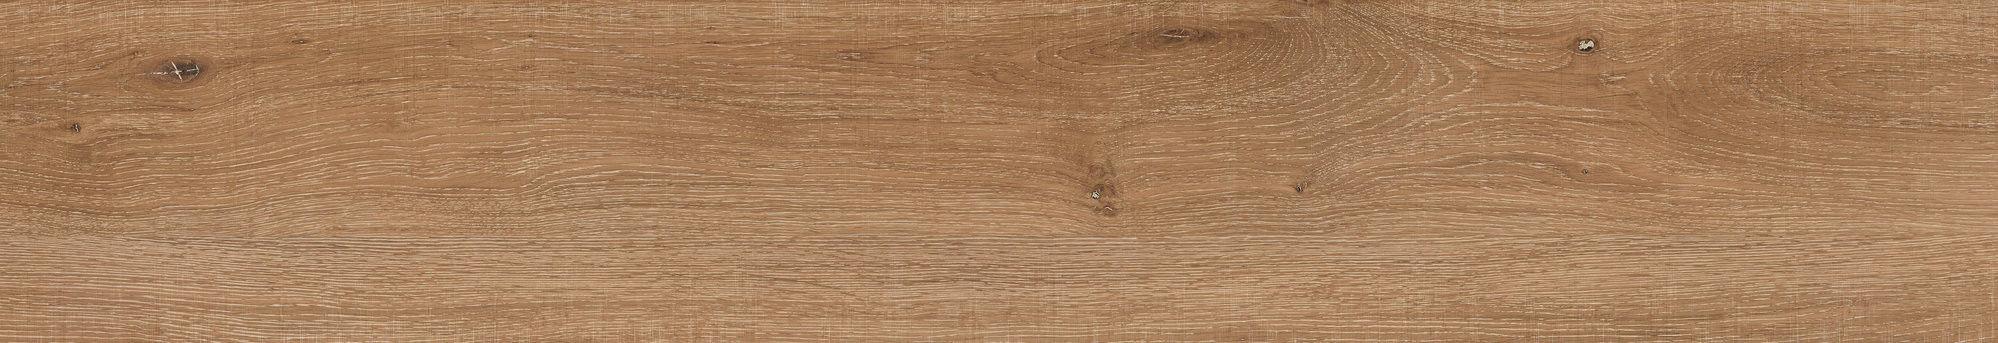 Whistler Brown 24x151 płytka drewnopodobna